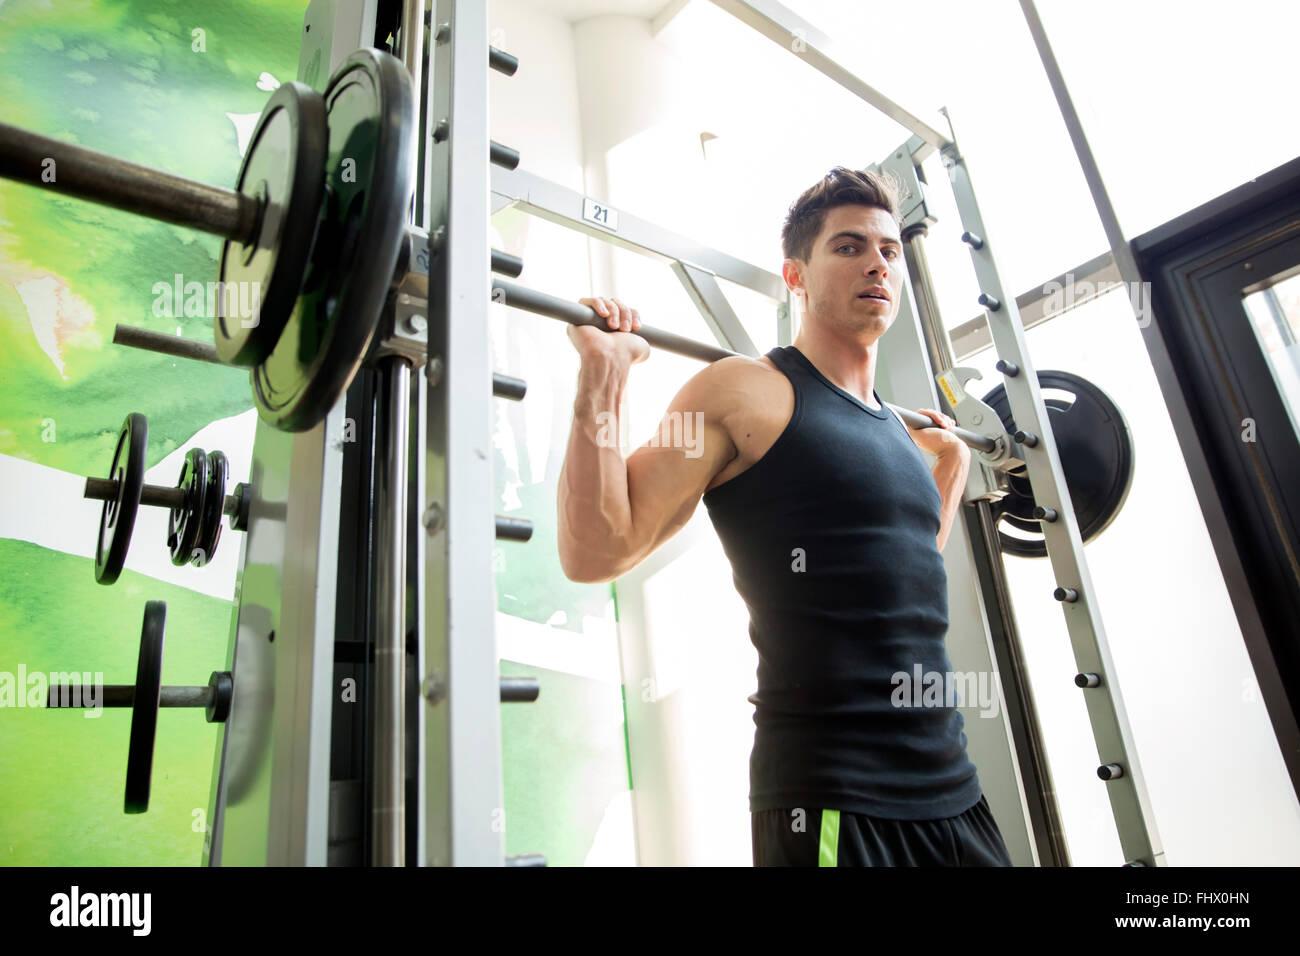 Gut aussehender Mann training im Fitness-Studio, Fit und stark zu bleiben Stockbild